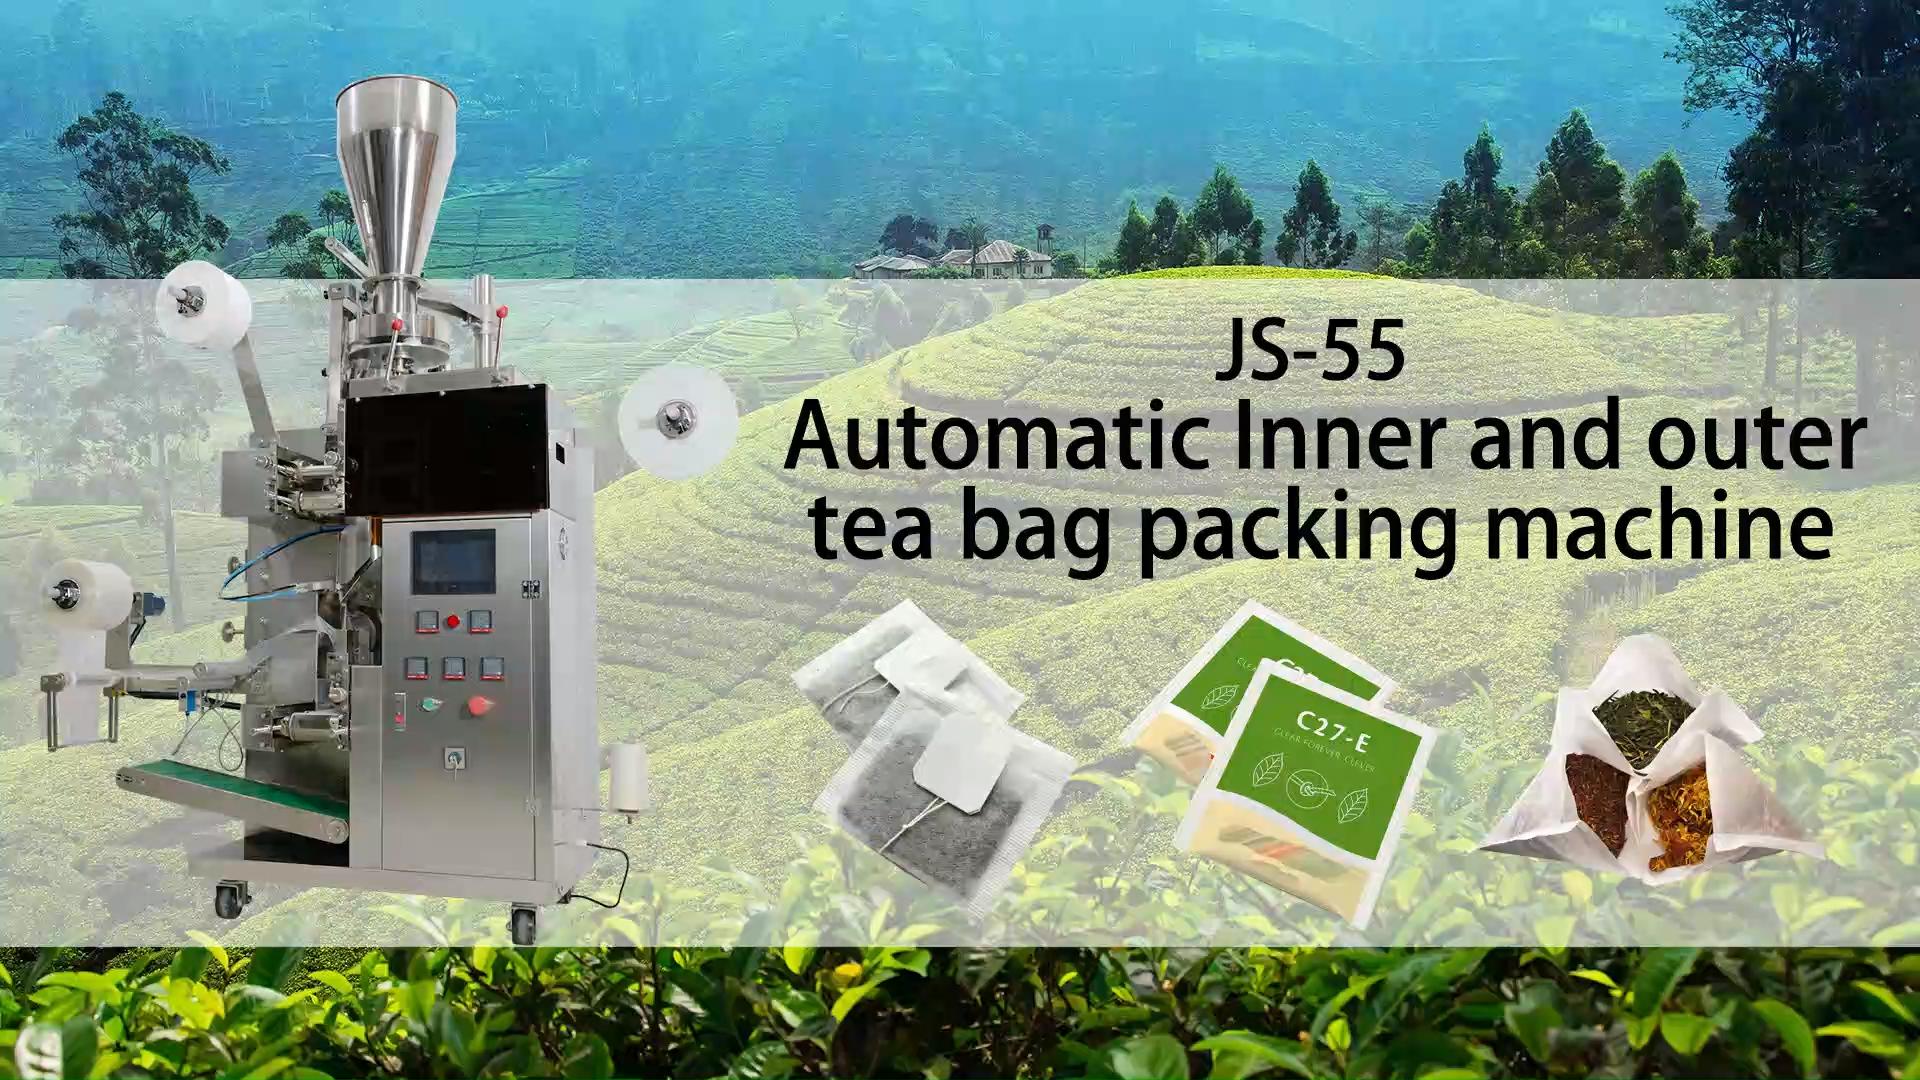 Yüksek hızlı tam otomatik fiyat küçük dip filtre kağıt çay poşeti paketleme makinesi için küçük iş üreticileri